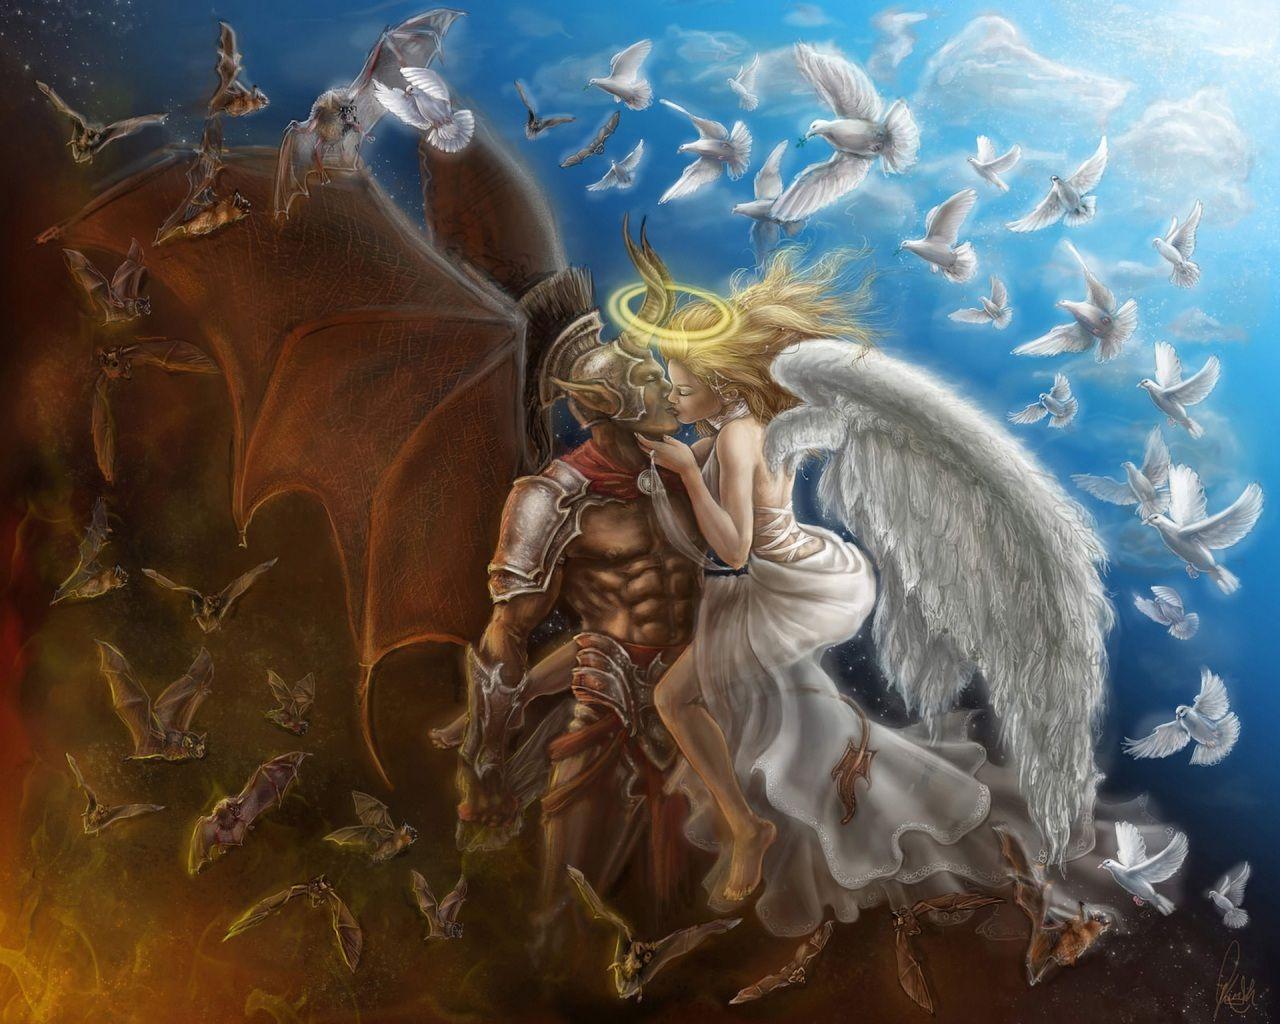 Downloaden engel fantasy bilder kostenlos Engel Ausmalbilder